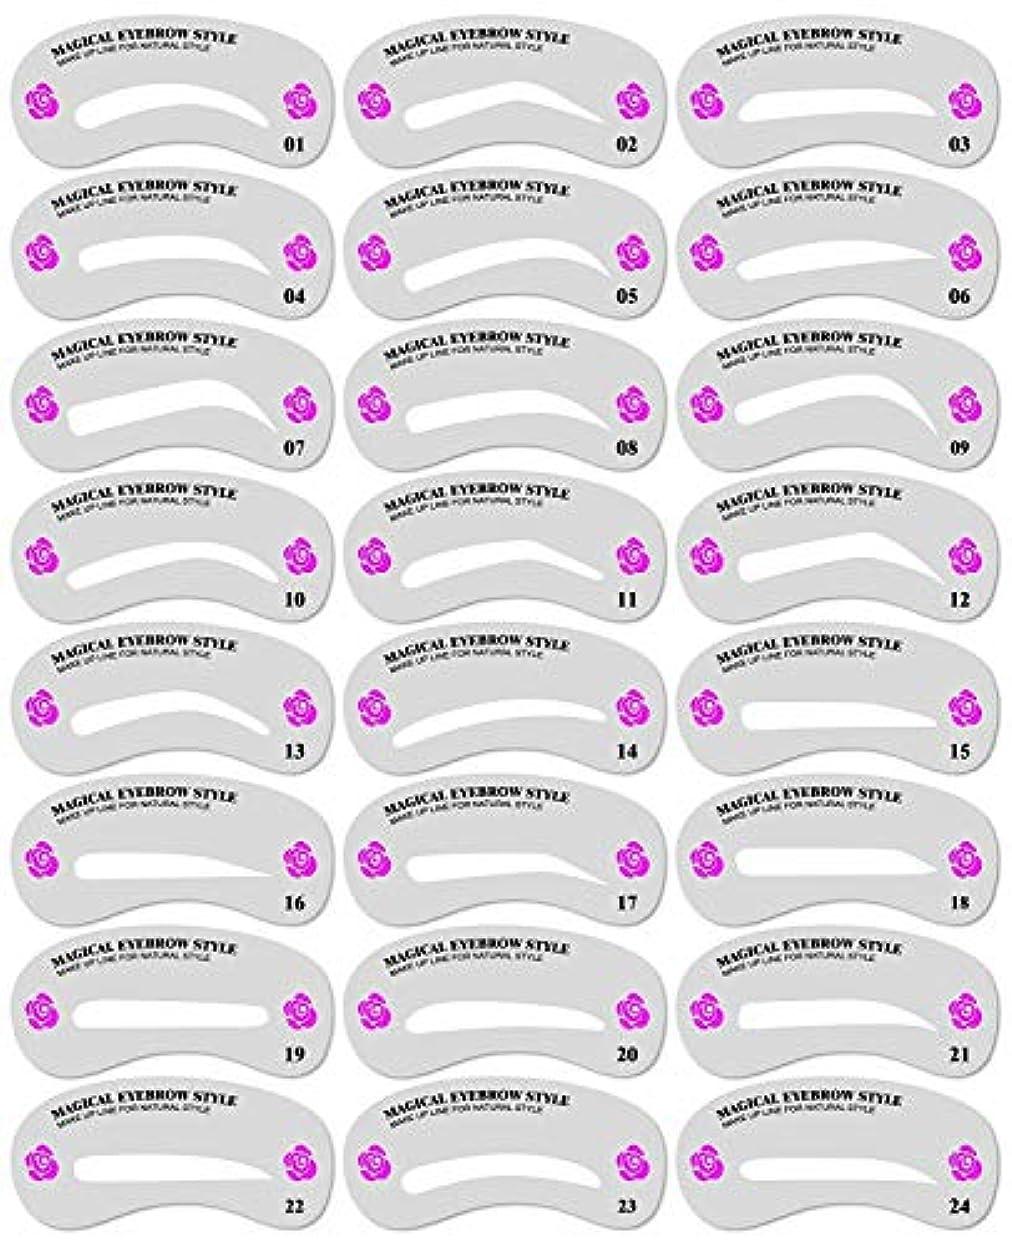 孤独オーストラリア予防接種Milent 眉毛テンプレート 24枚セット 24パターン メイク アップ アイブローテンプレート メイクアップ美容ツール 眉用ステンシル